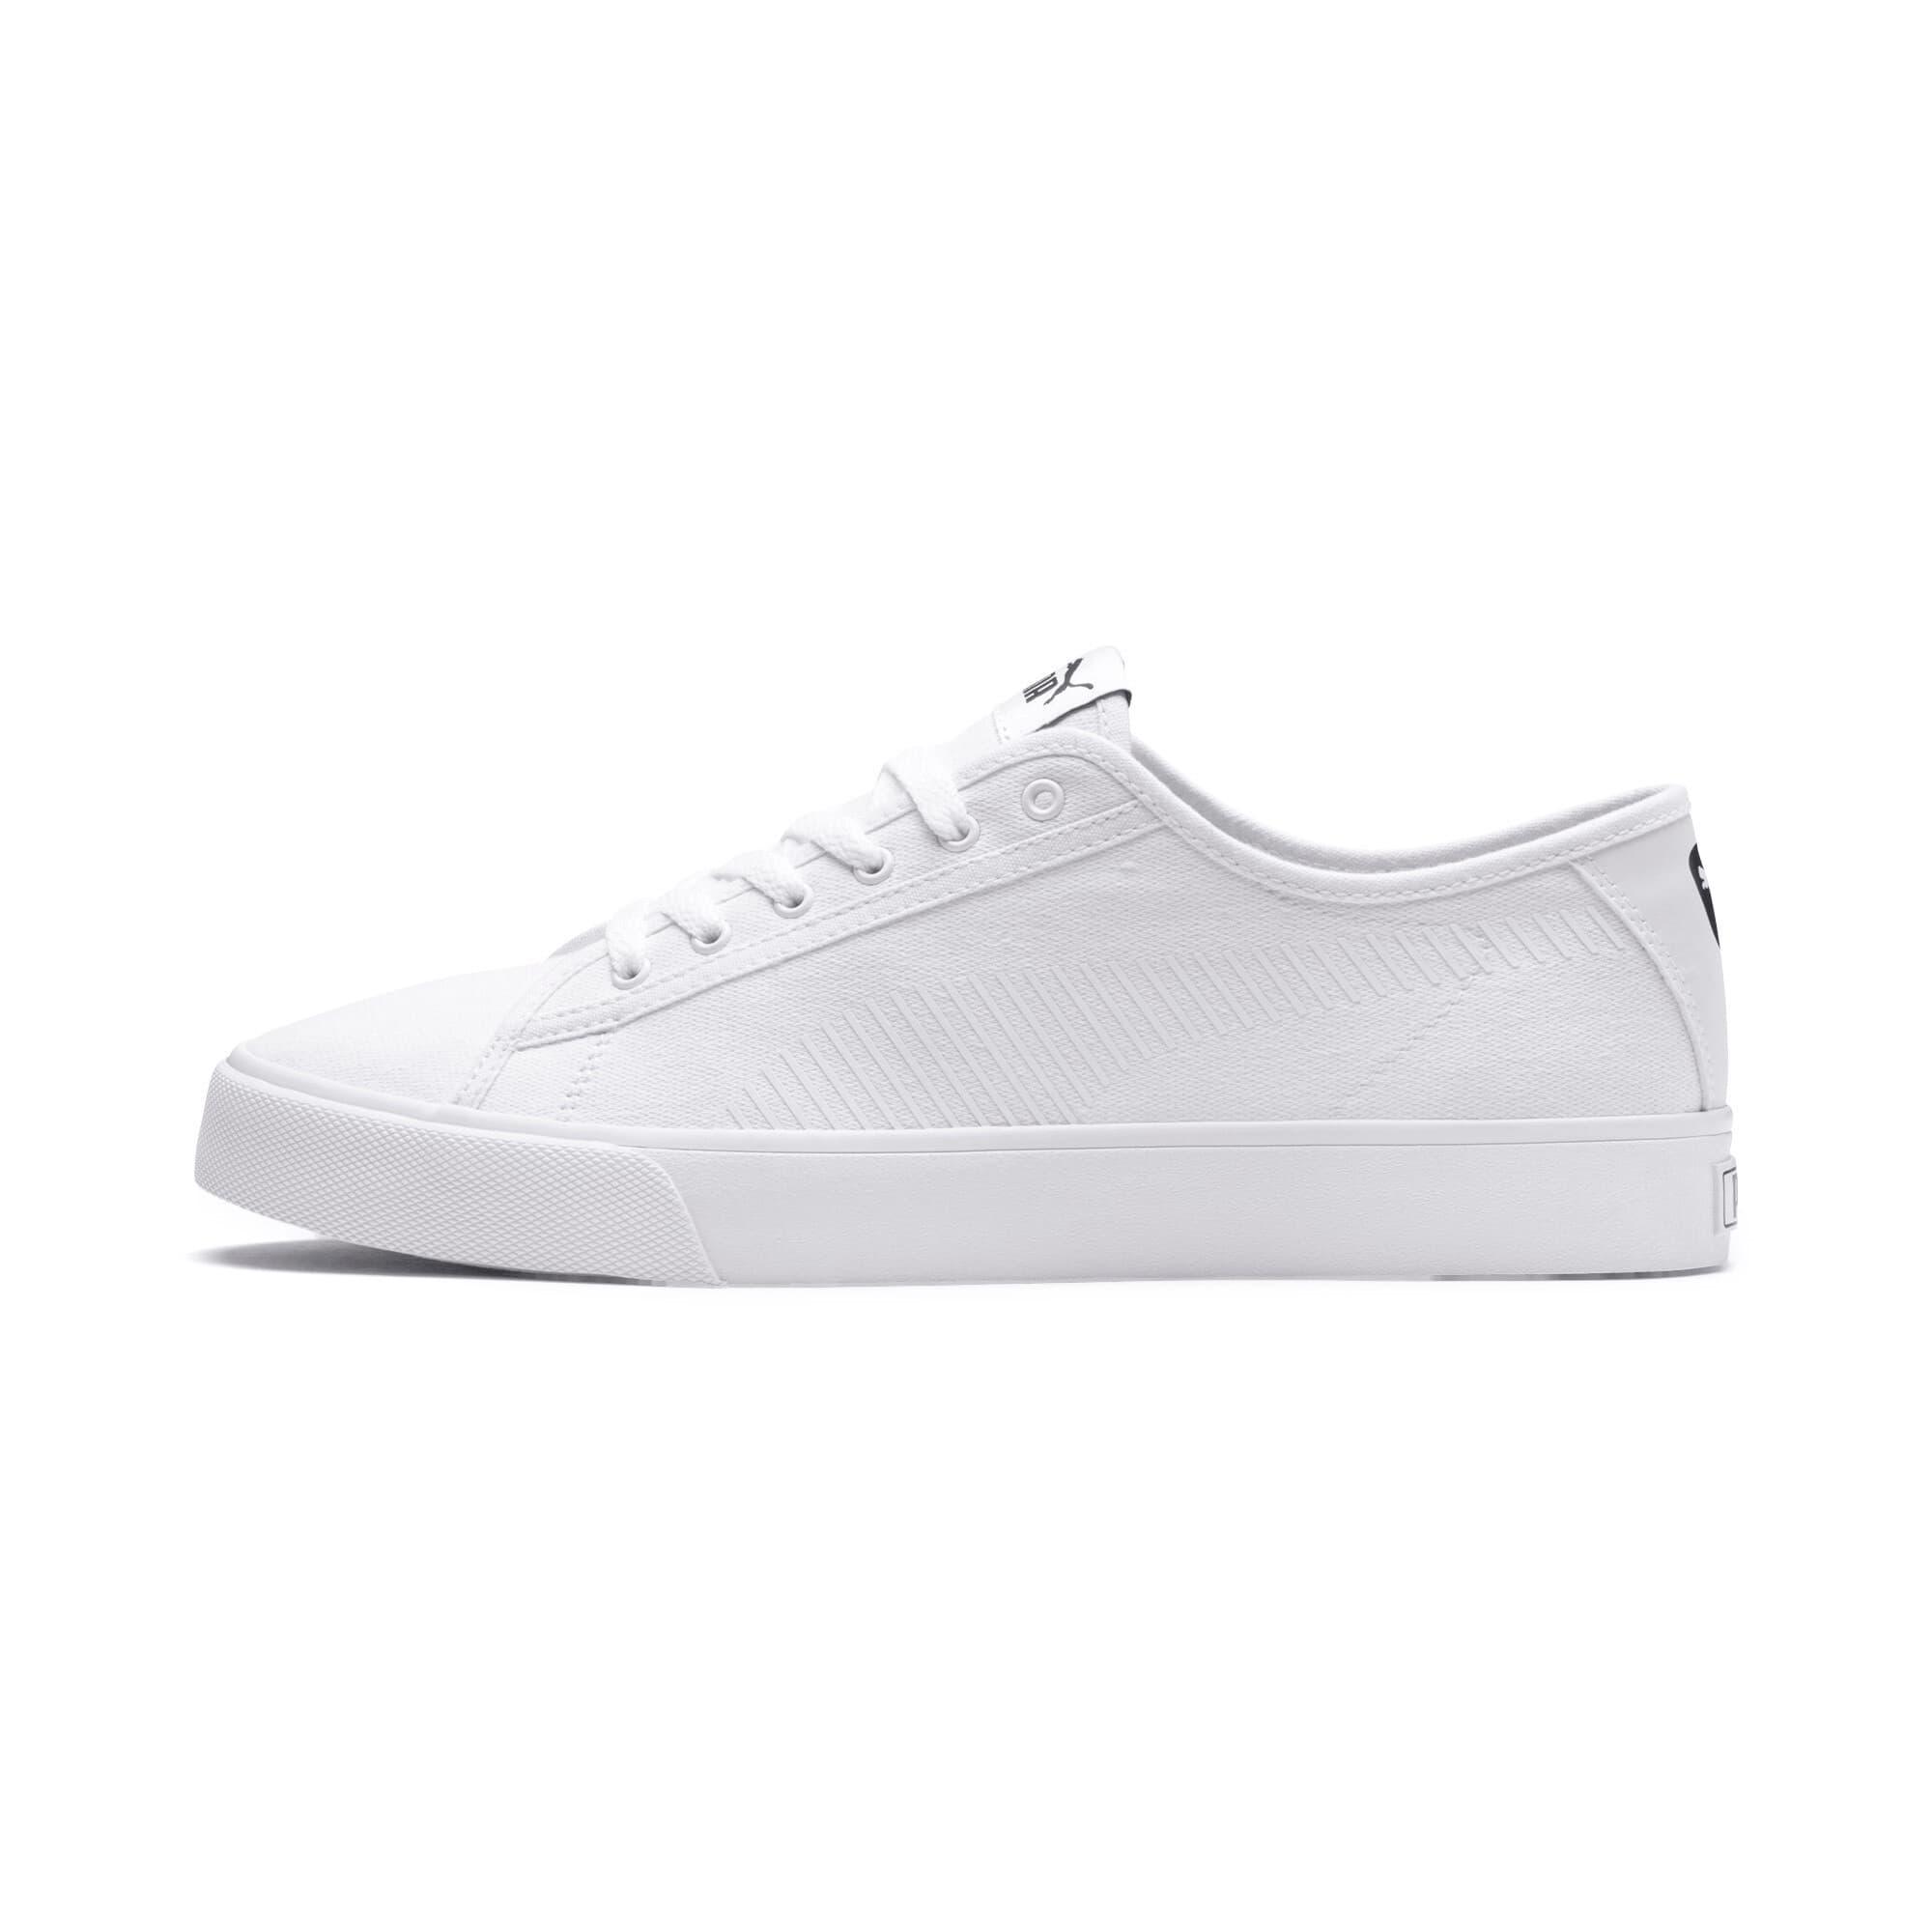 Thumbnail 1 of Bari Sneakers, Puma White-Puma White, medium